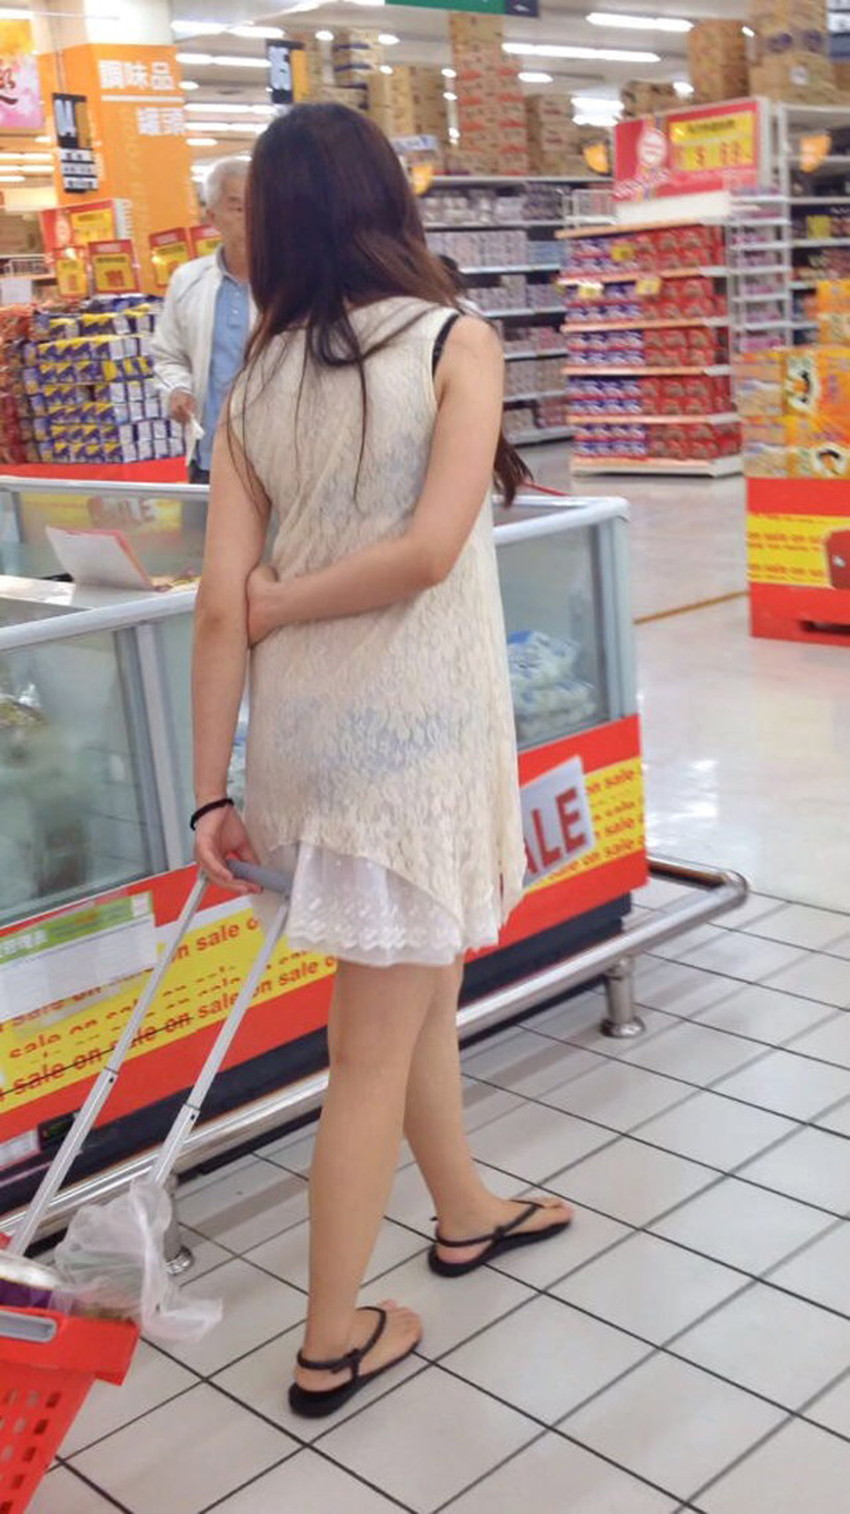 【パン線エロ画像】街中で素人女子のパン線探しちゃう男子必見!素人娘のタイトスカートやスキニーパンツからパンティーラインが丸見えのパン線エロ画像集ww【80枚】 12